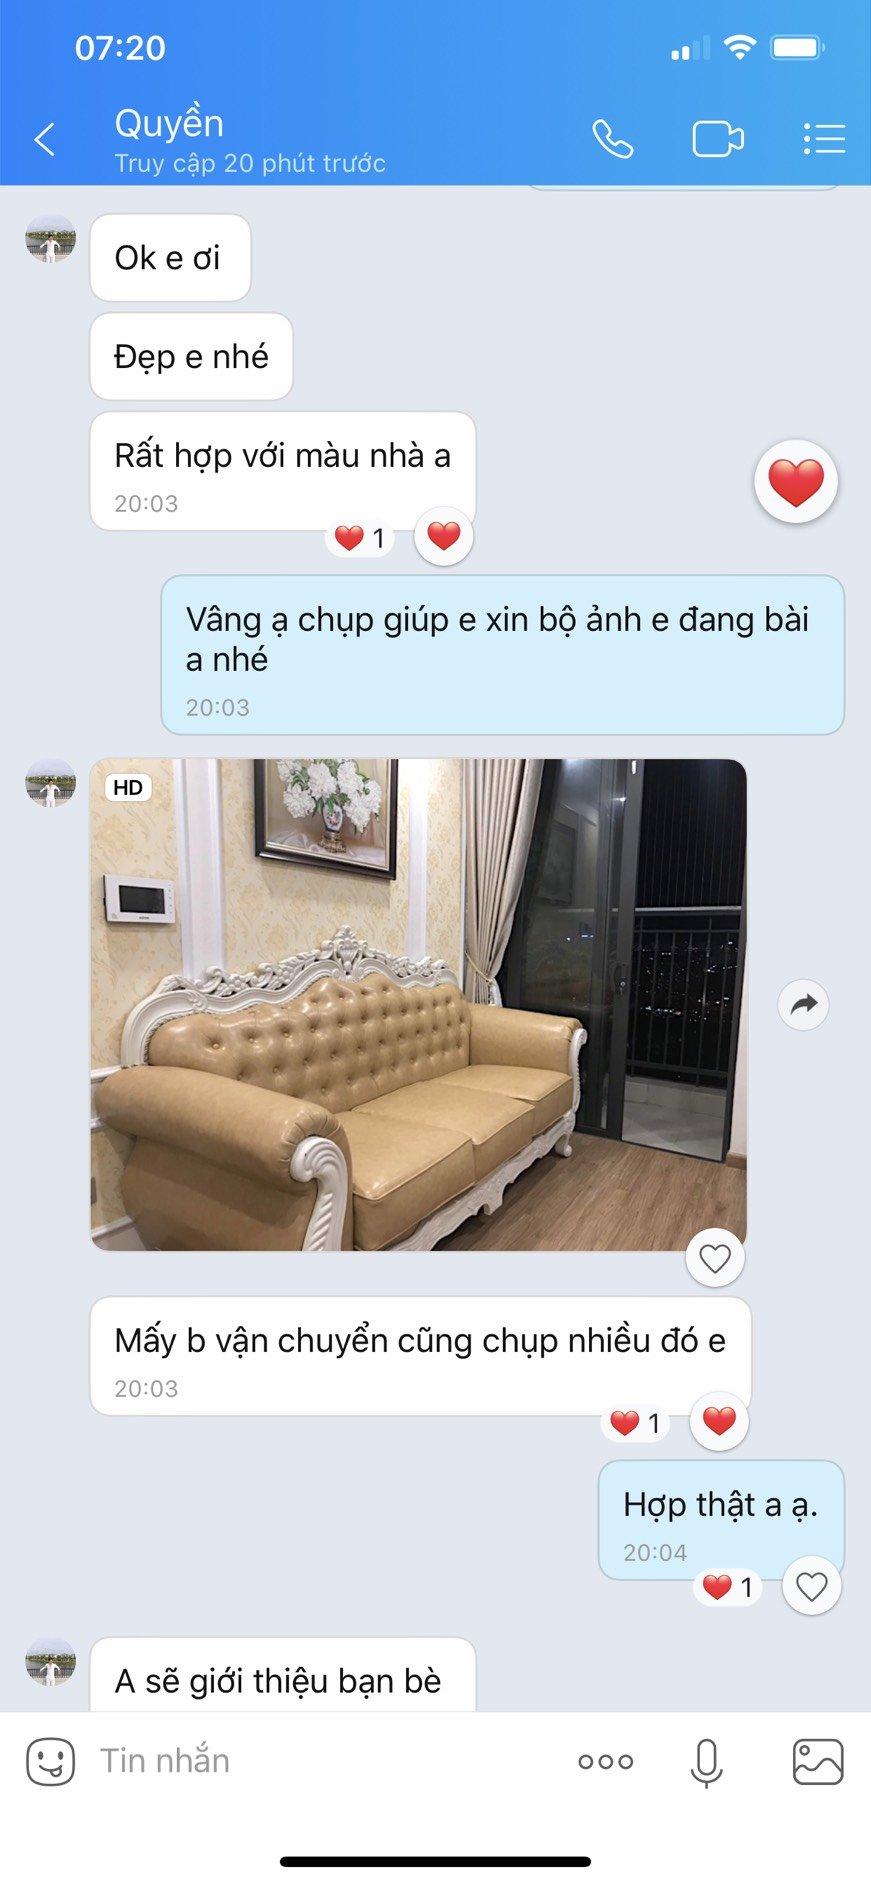 Phản hồi của a Quyền sau khi sử dụng dịch vụ của sofa Hoàng Huy